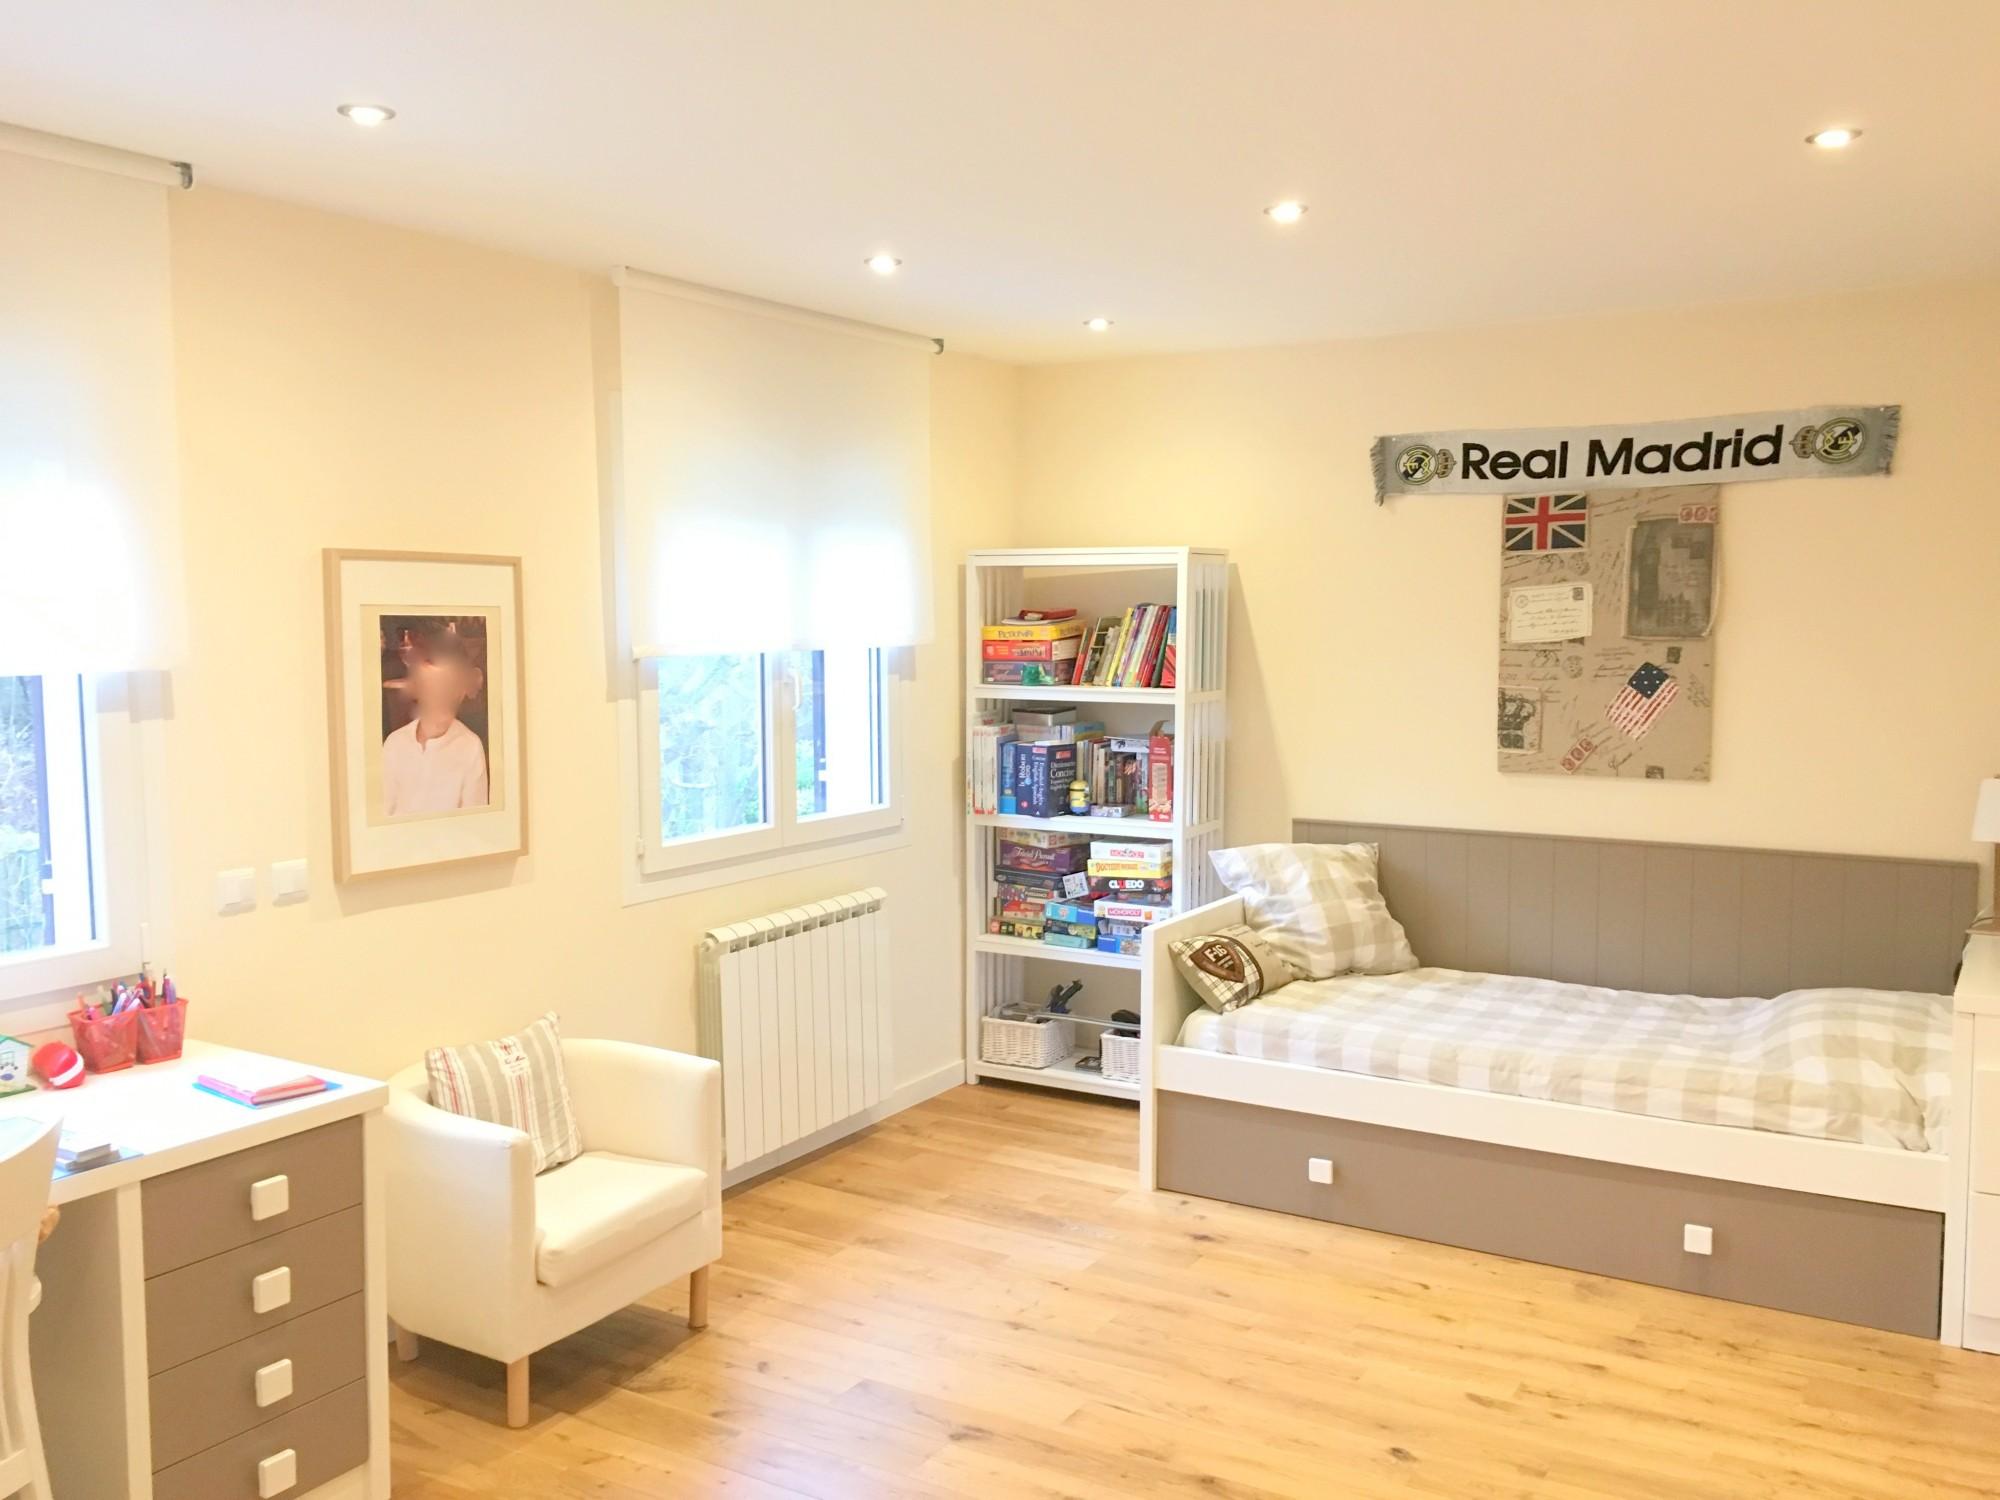 ventes maison familiale spacieuse t5 f5 epone proche centre ville enti rement renovee maisons. Black Bedroom Furniture Sets. Home Design Ideas